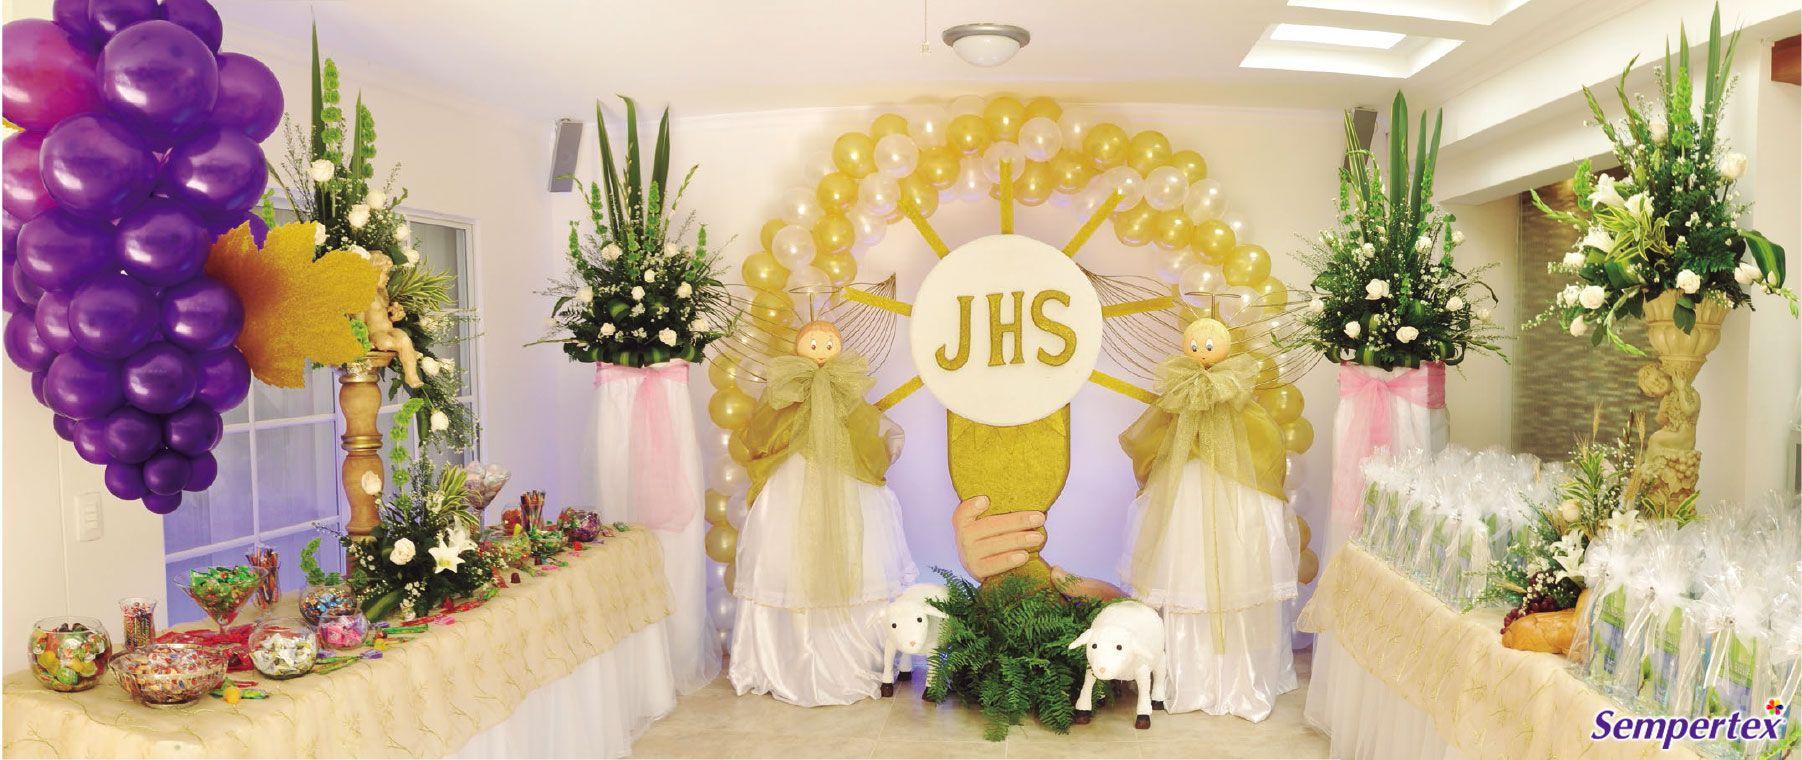 Esta decoradora tuvo la idea de plasmar los ngeles en - Decoracion los angeles ...